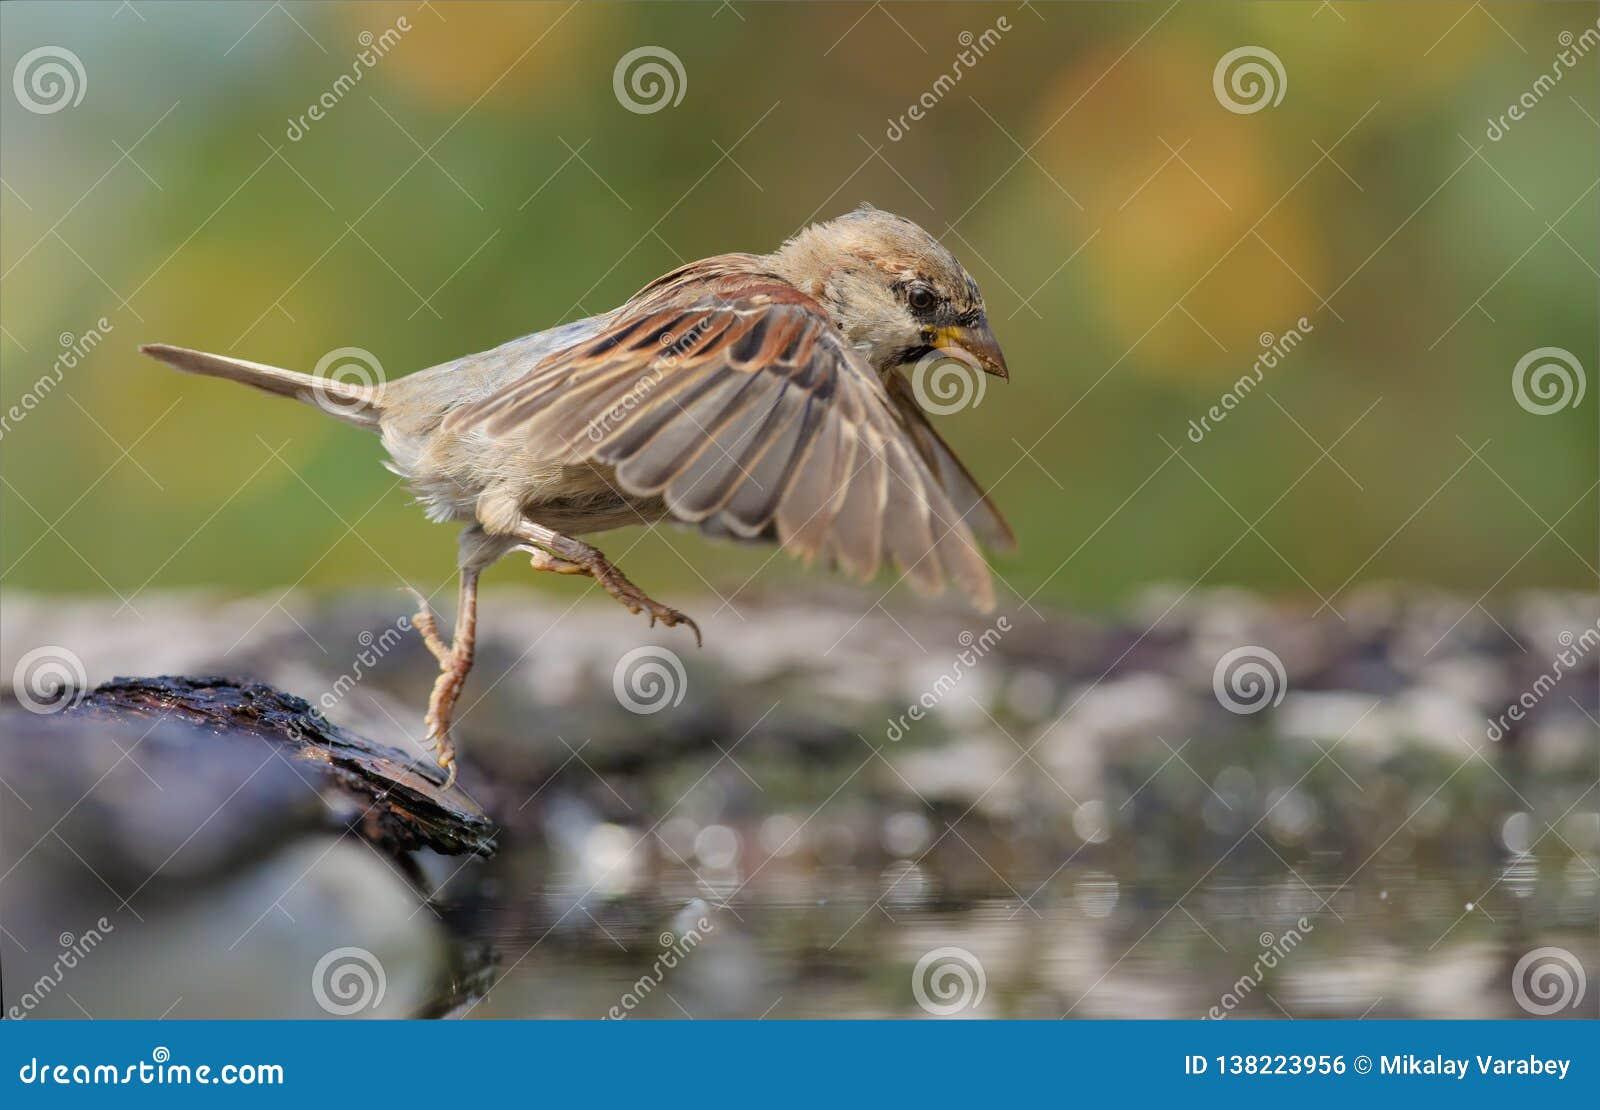 Σπουργίτι σπιτιών που πηδά στη λίμνη νερού με τα τεντωμένα φτερά και τα πόδια